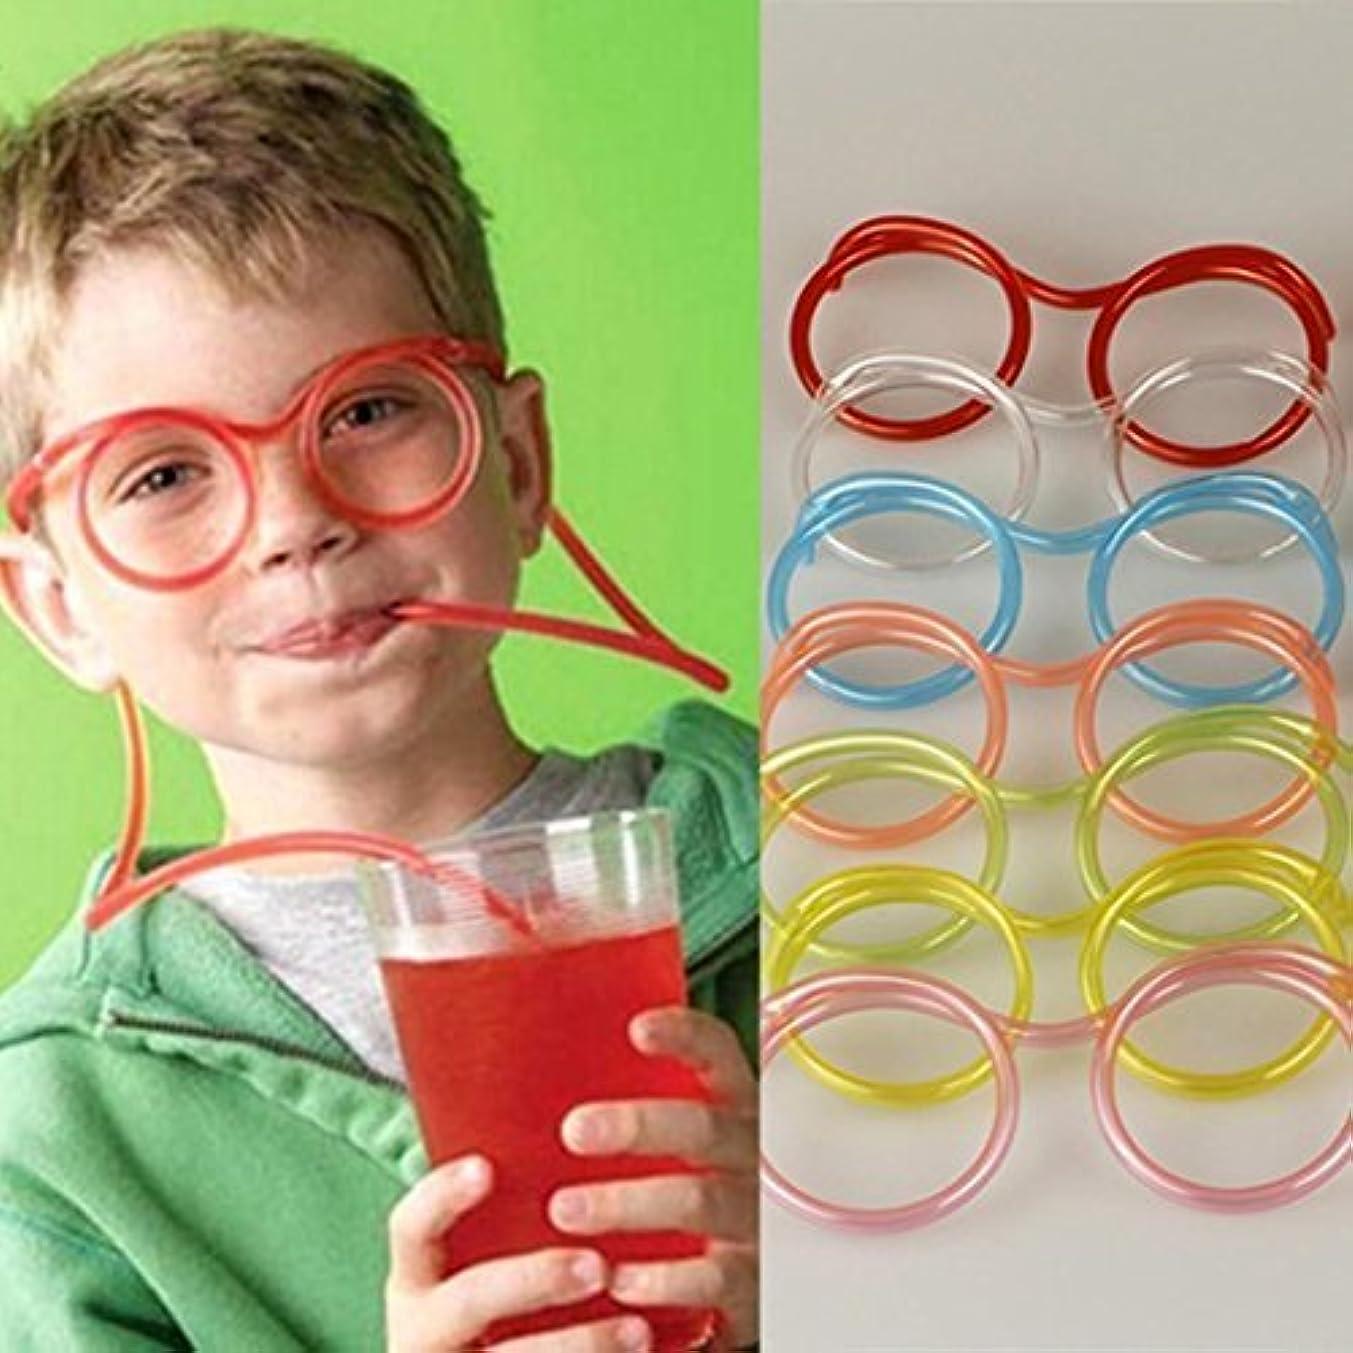 カーペットこしょうスリット子供の楽しい狂った目新しさは、可撓管ガラスギフト党供給を飲むわら